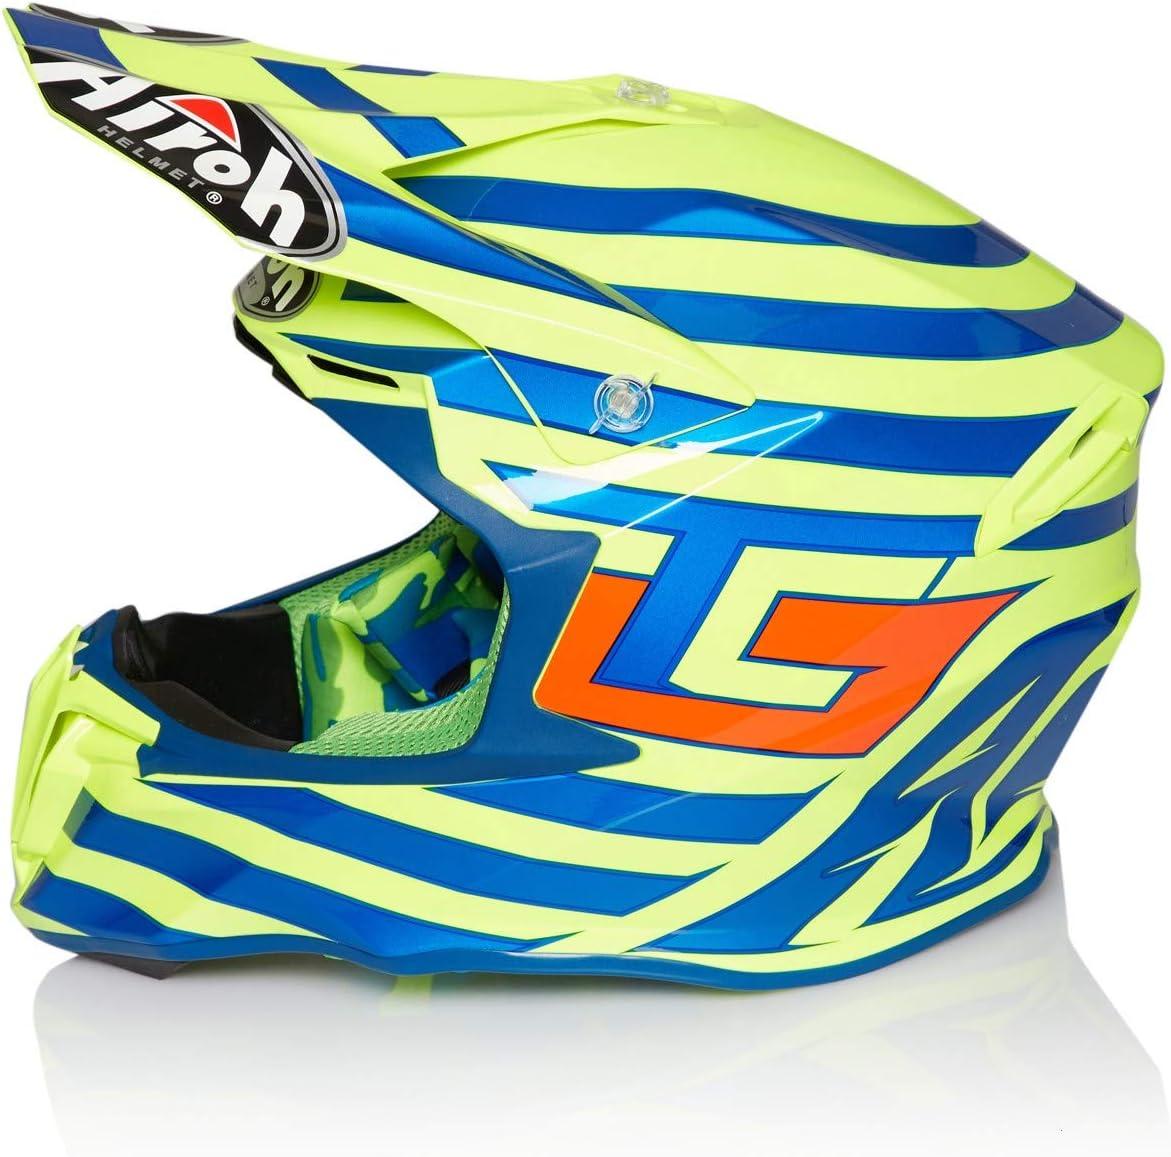 Xs , Jaune Casque Motocross Airoh Tony Cairoli Twist Qatar Jaune